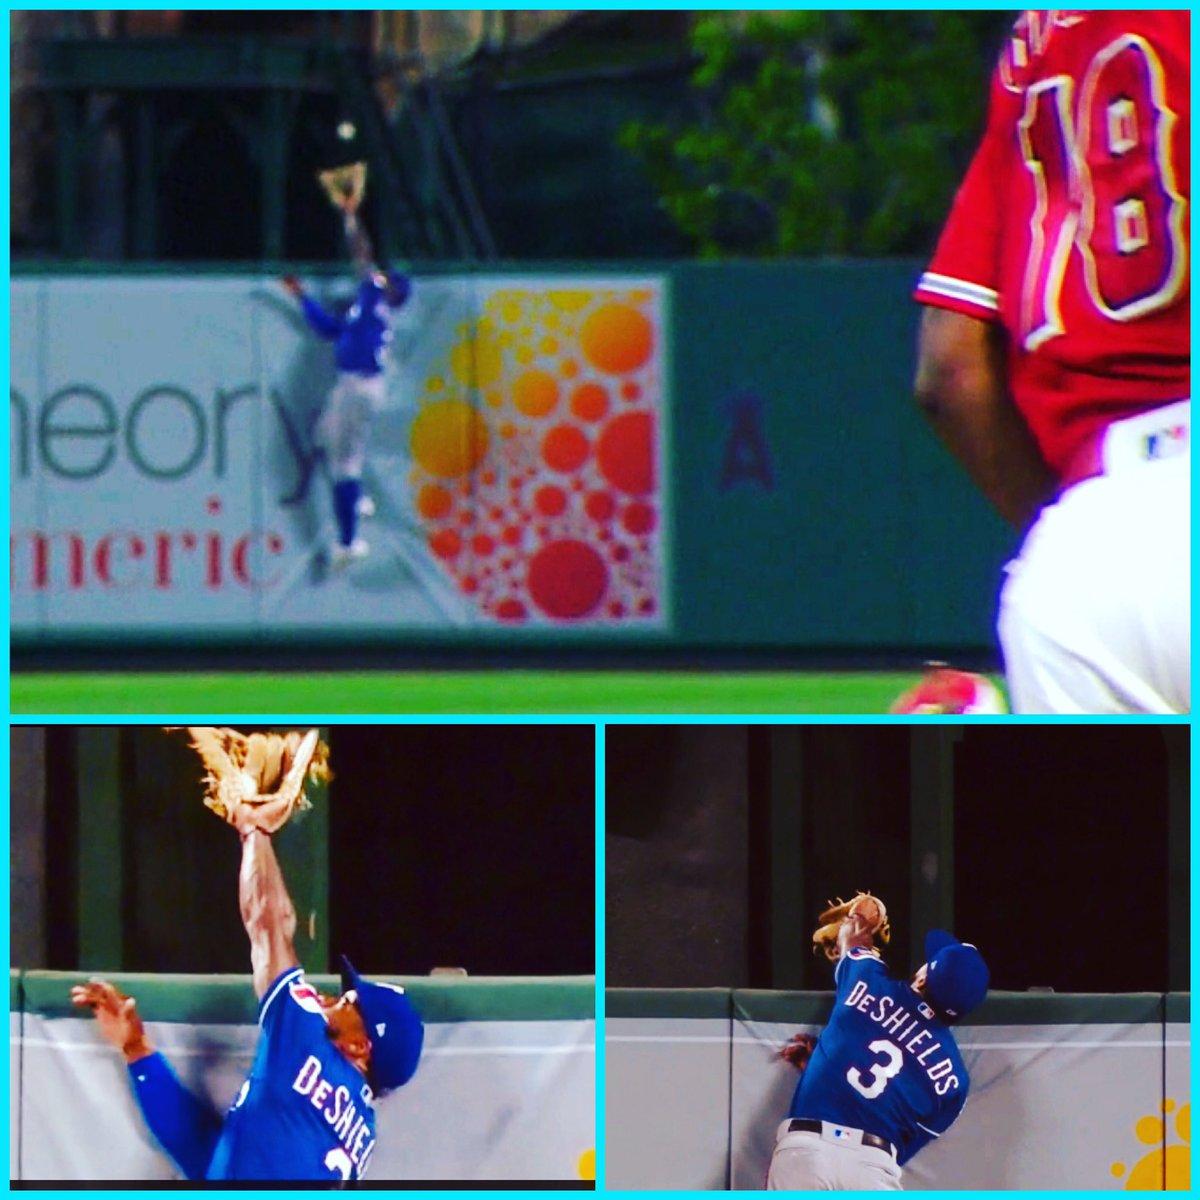 To #watch #overandoveragain - ⚾️ #MLB is a #great #sport - El #juegodelapelota en un #diamante es #lagrancarpa - #Deportes ÁGORA (#LindauParaSiempre)